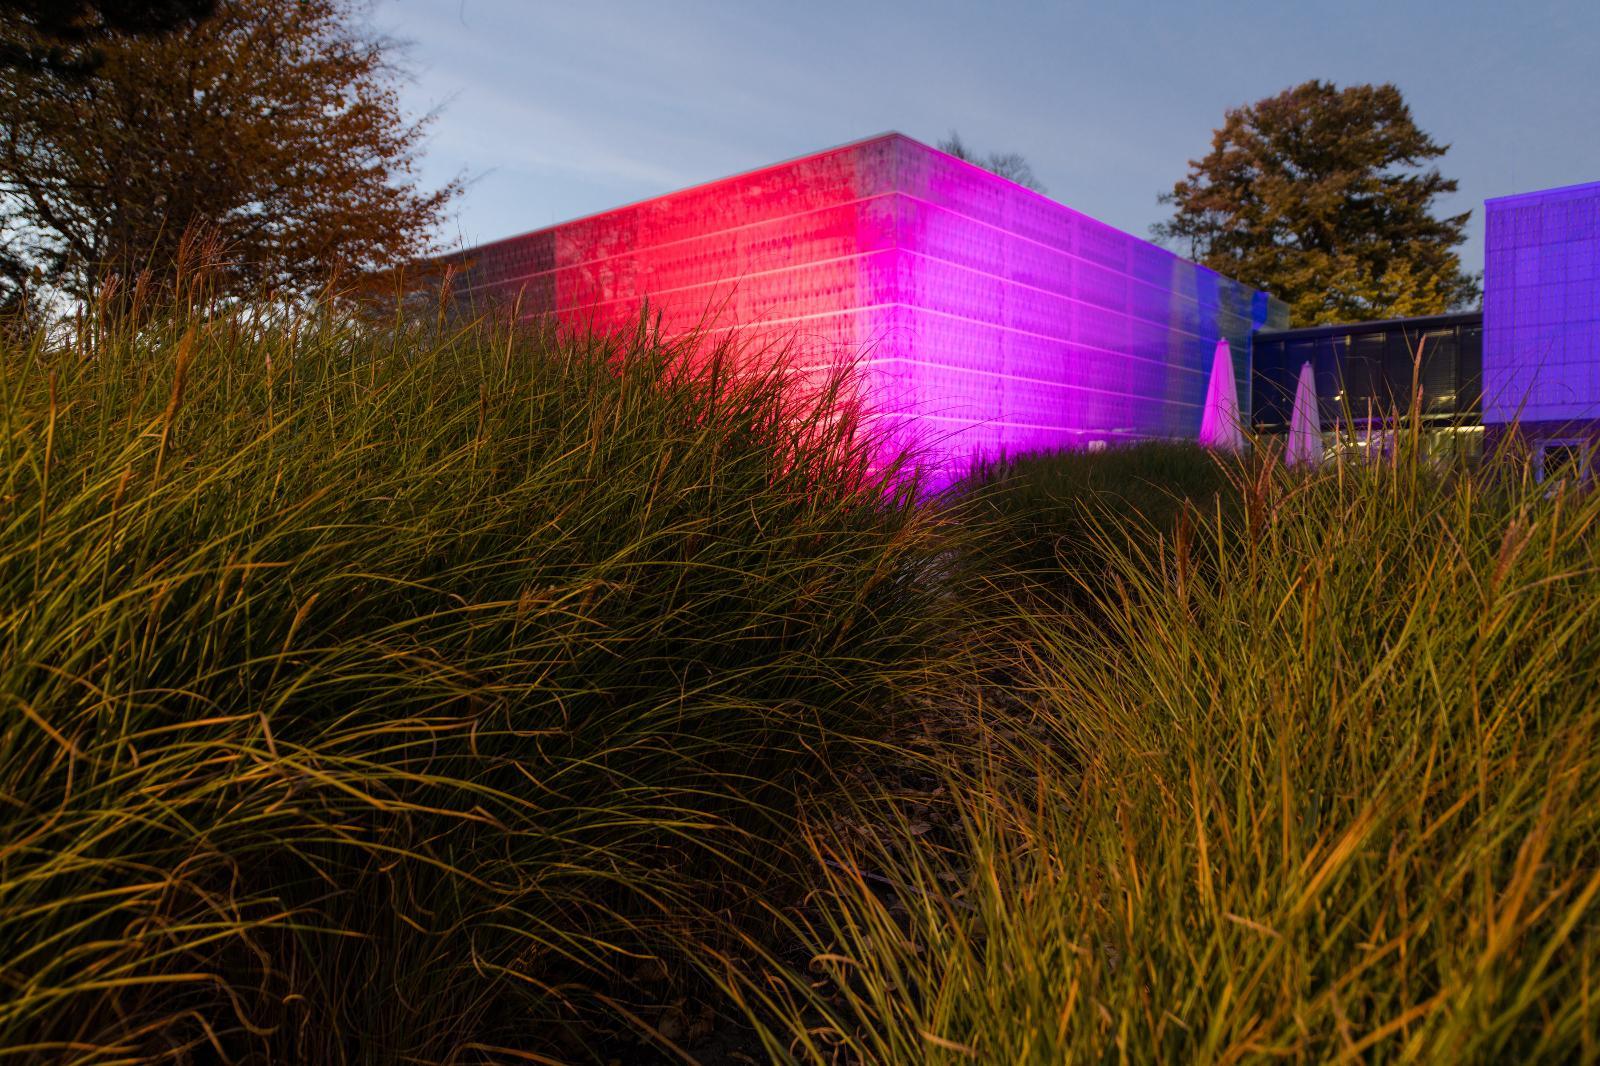 Die Kunsthalle war das erste mal vertreten bei der Lichtwoche. Foto: Margit Wild